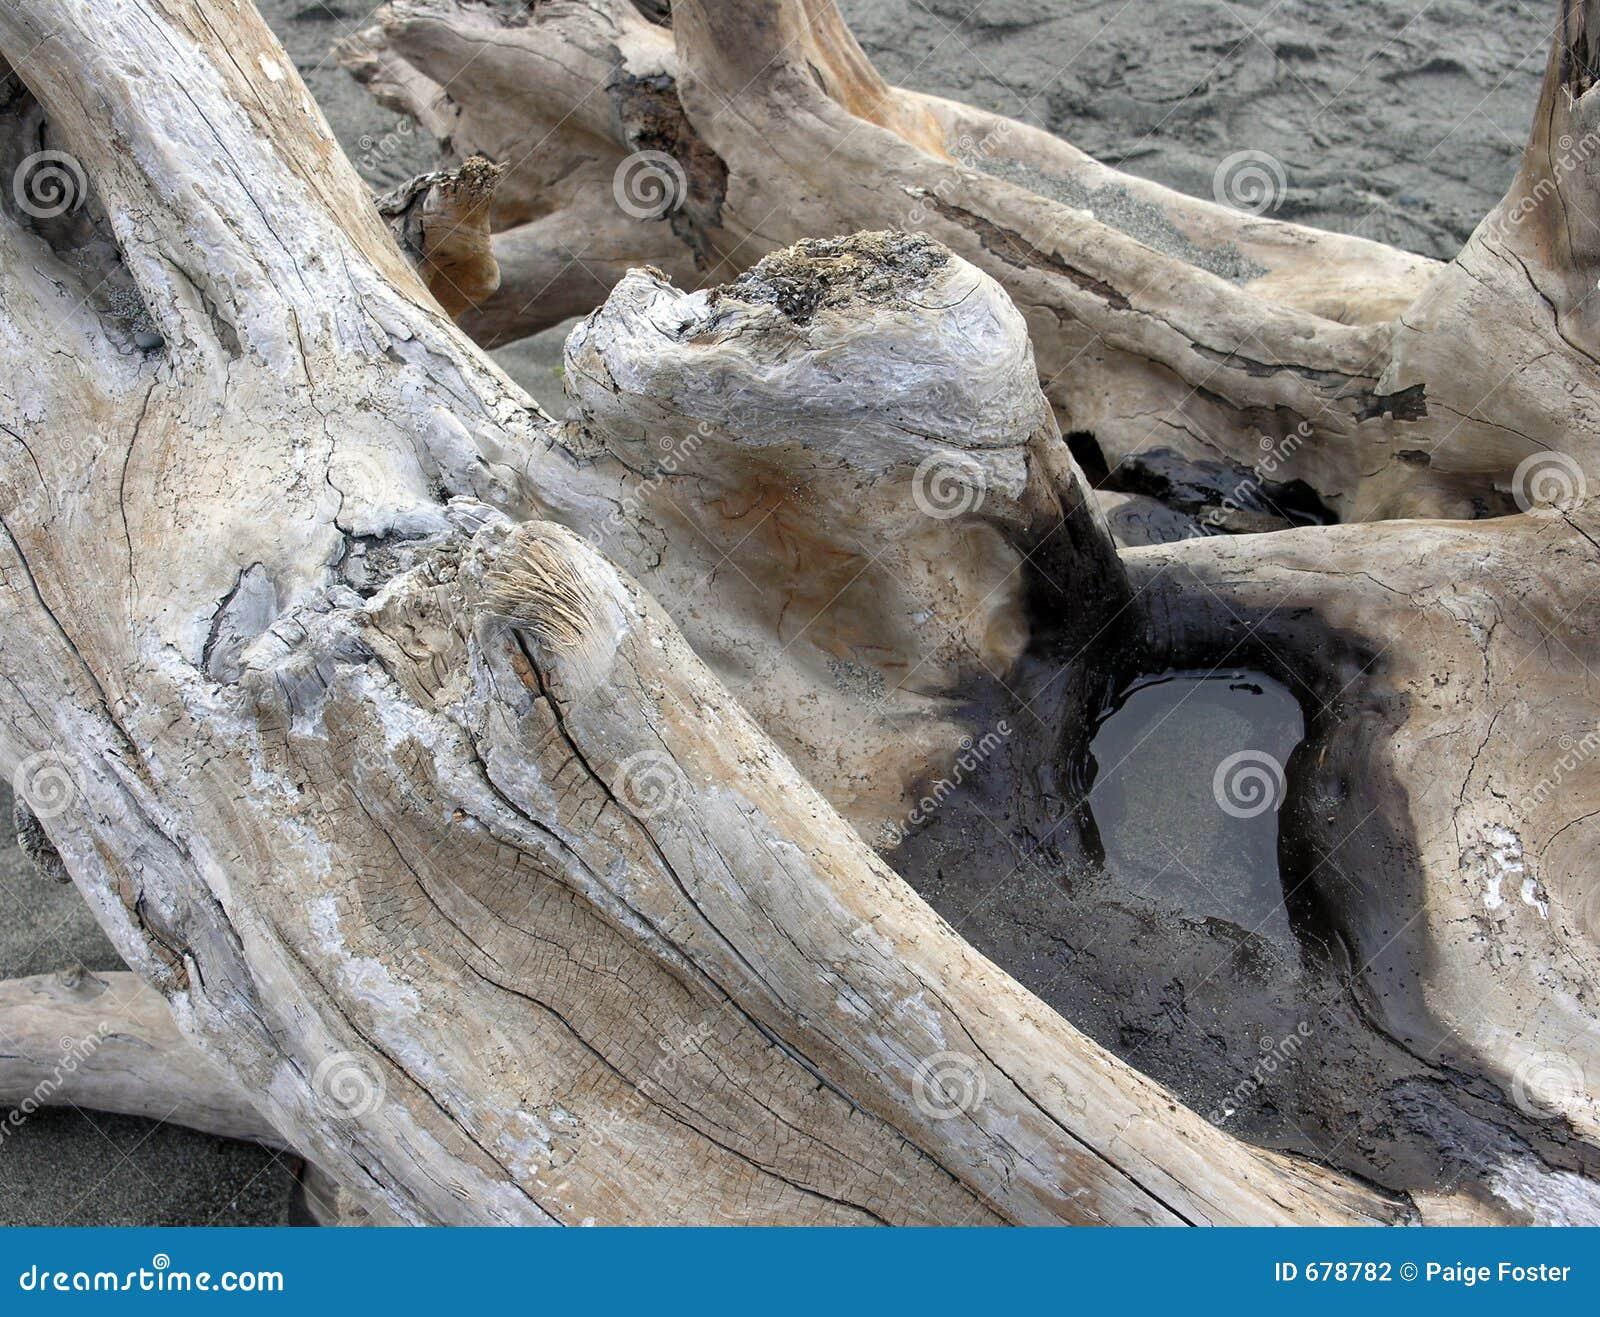 漂流木头水坑